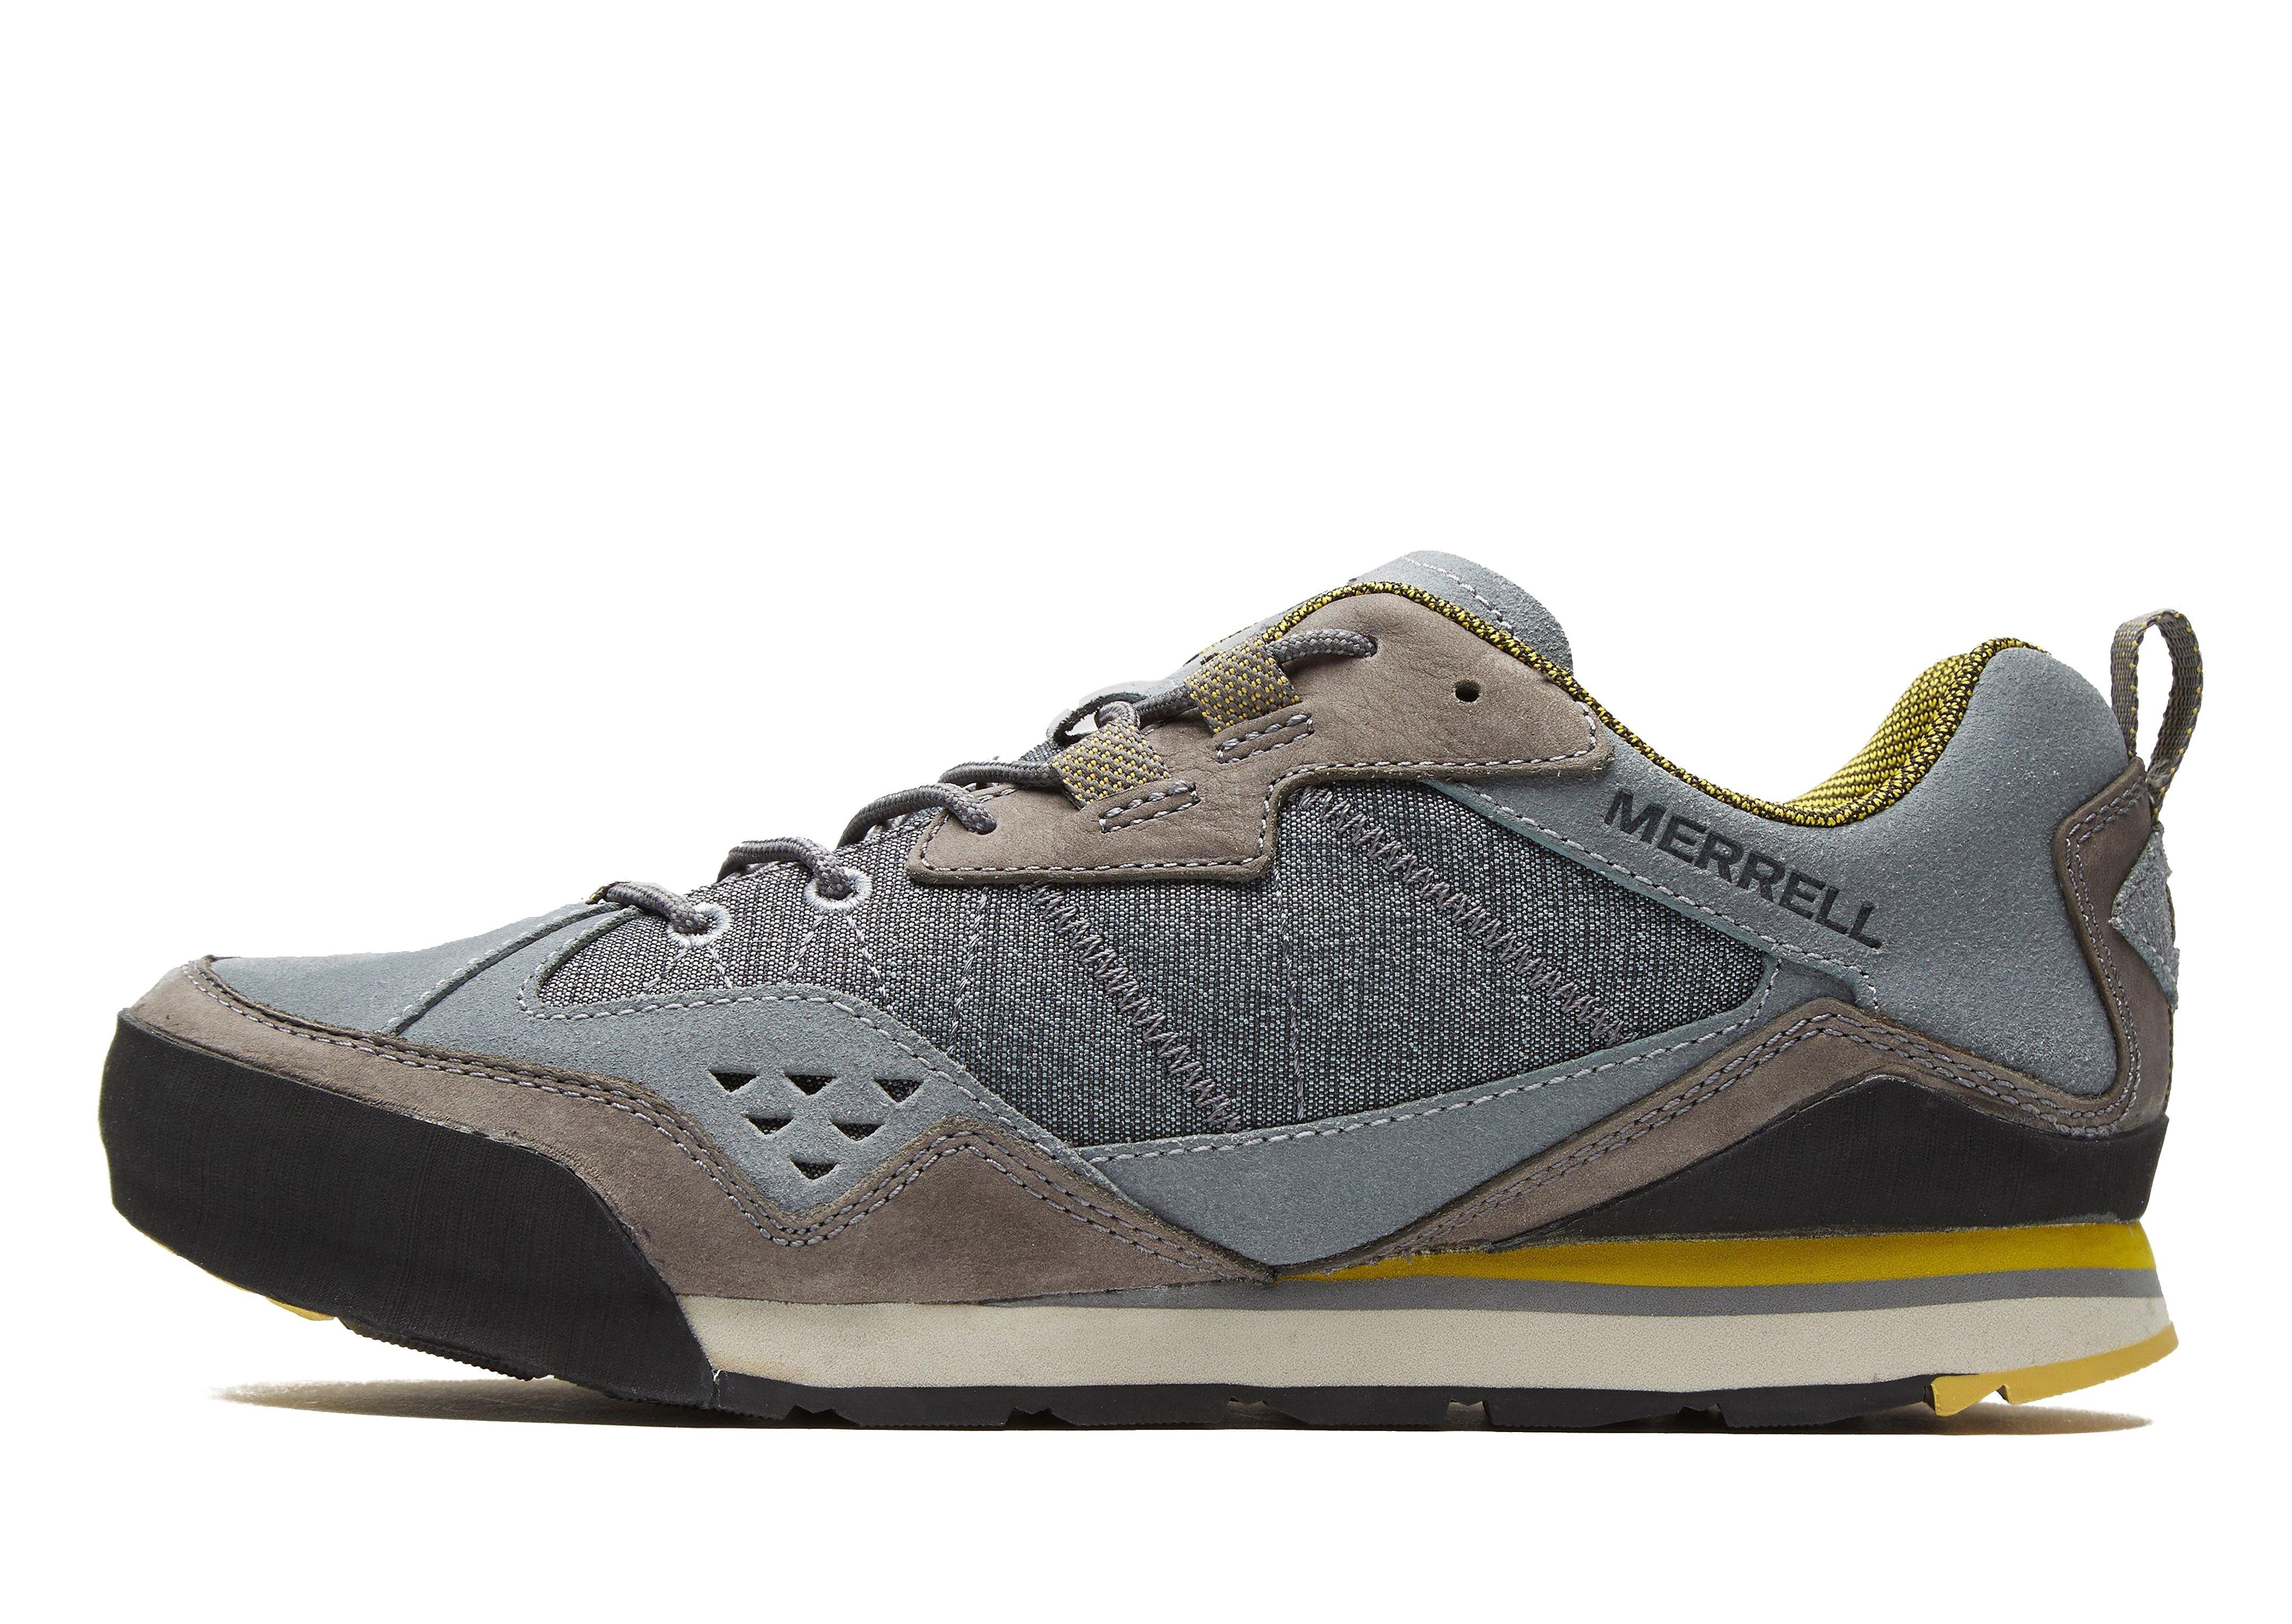 Merrell Burnt Rock Men's Walking Shoes